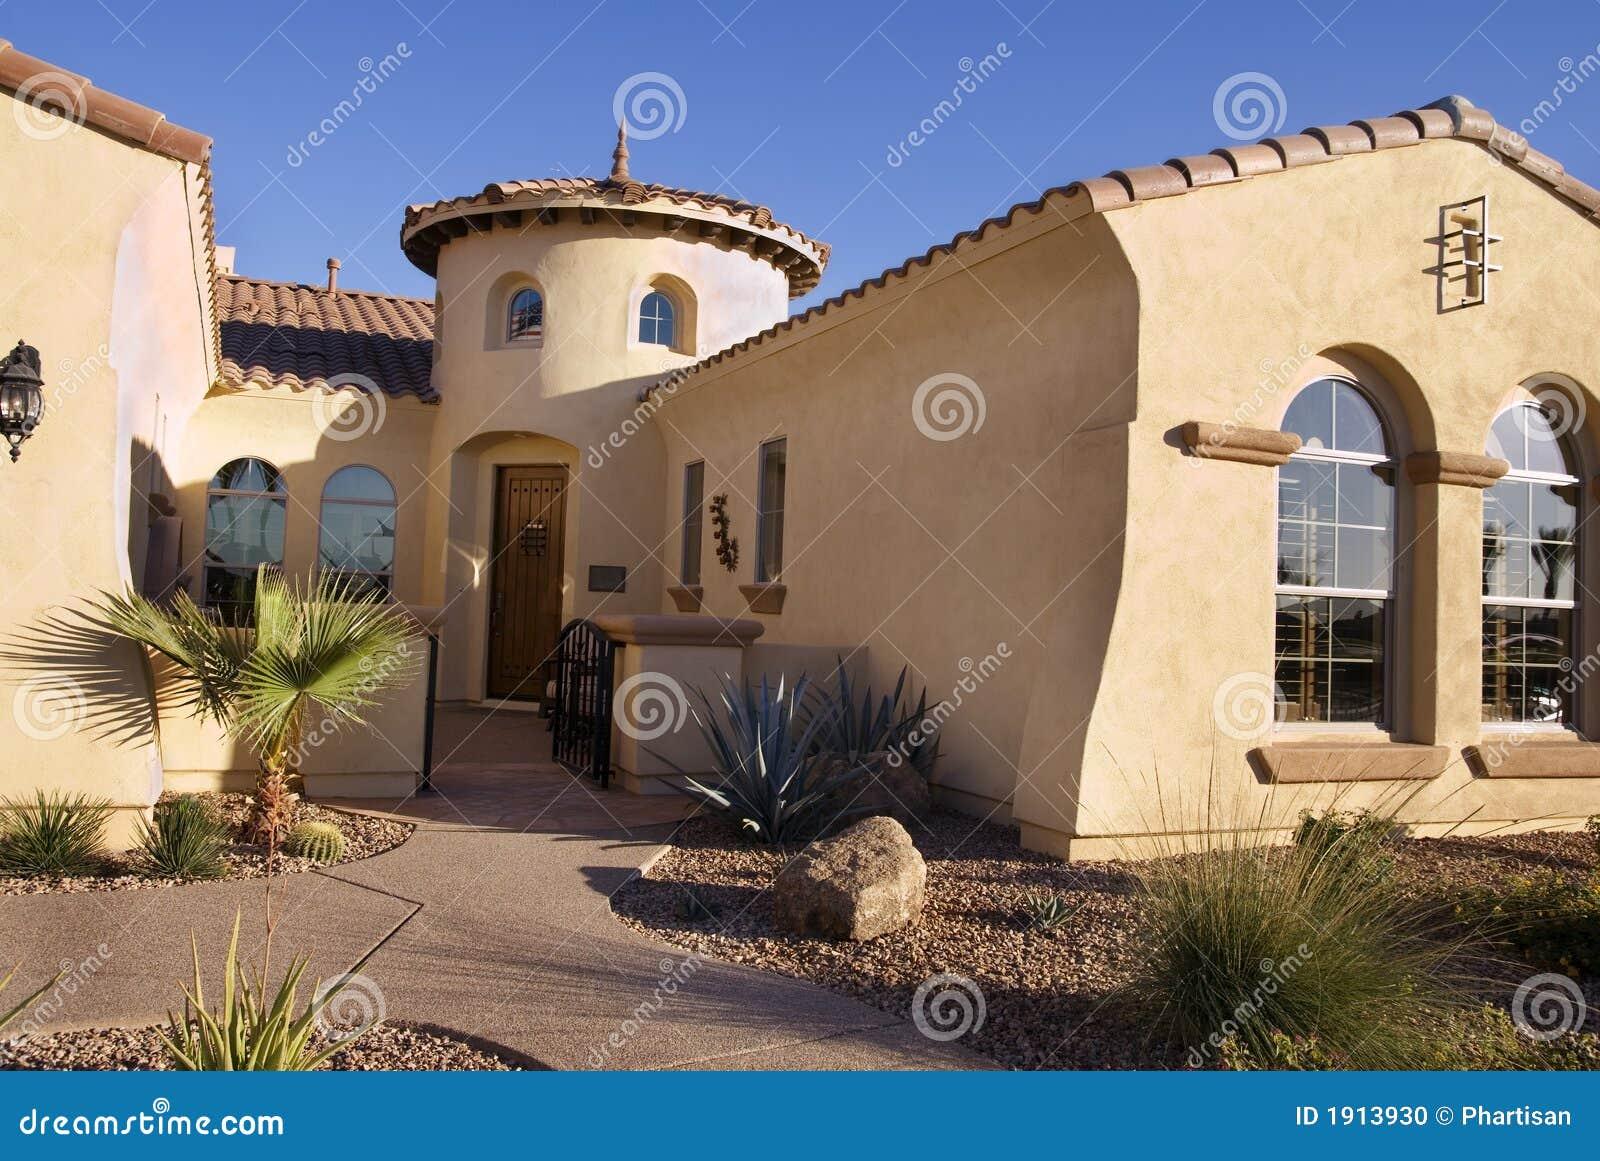 HOME moderna do estilo do sudoeste